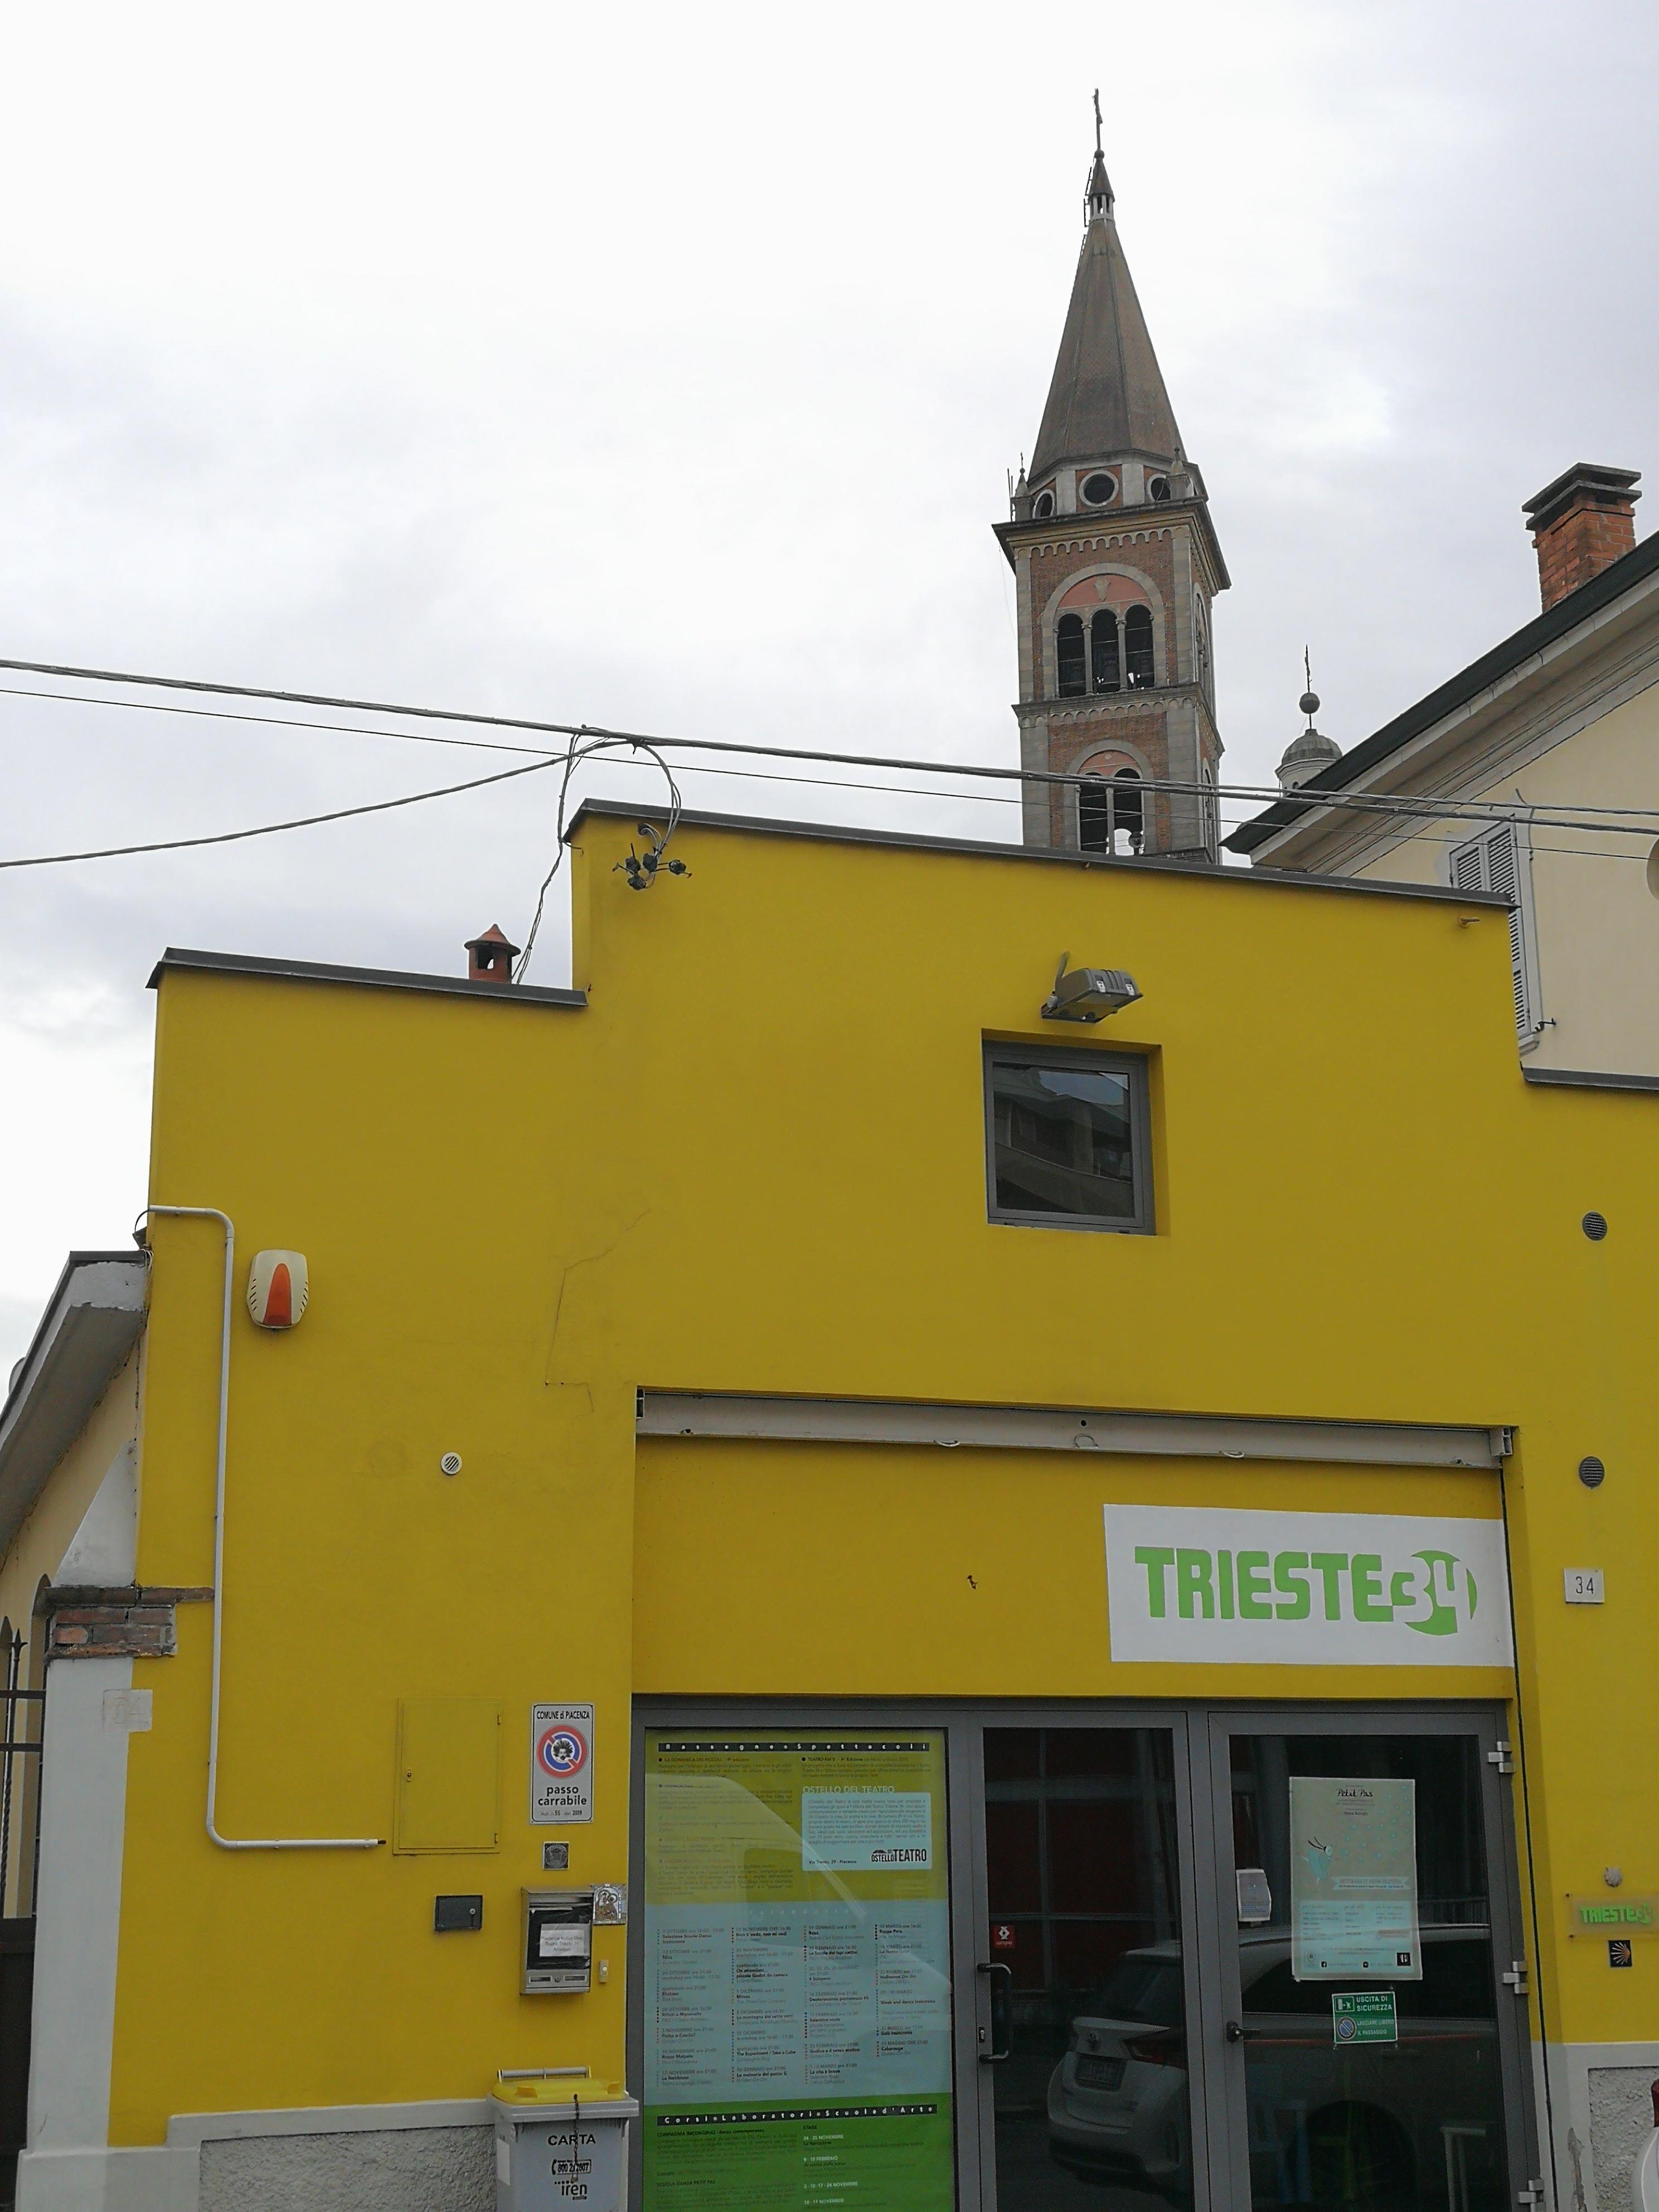 In un ex capannone industriale degli anni '50, sorge il Teatro Trieste 34: teatro indipendente di Piacenza, diventato da poco anche ostello